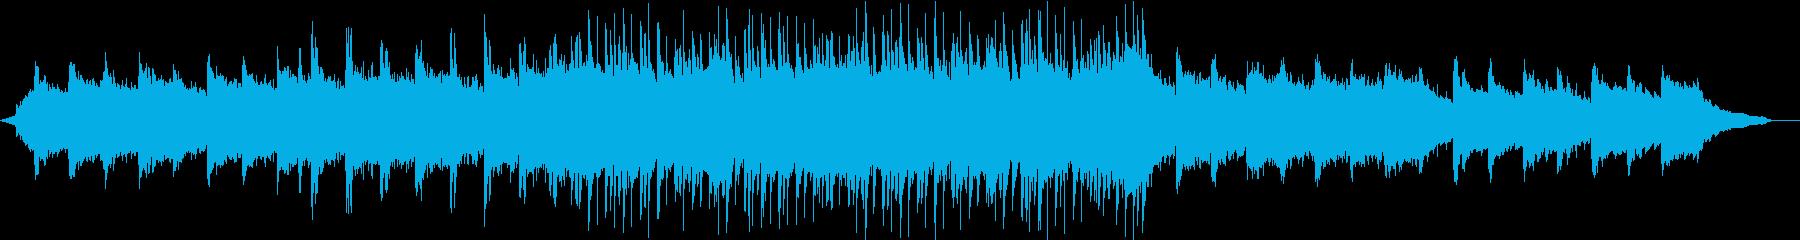 陽気なロックのコーポレートBGM②の再生済みの波形